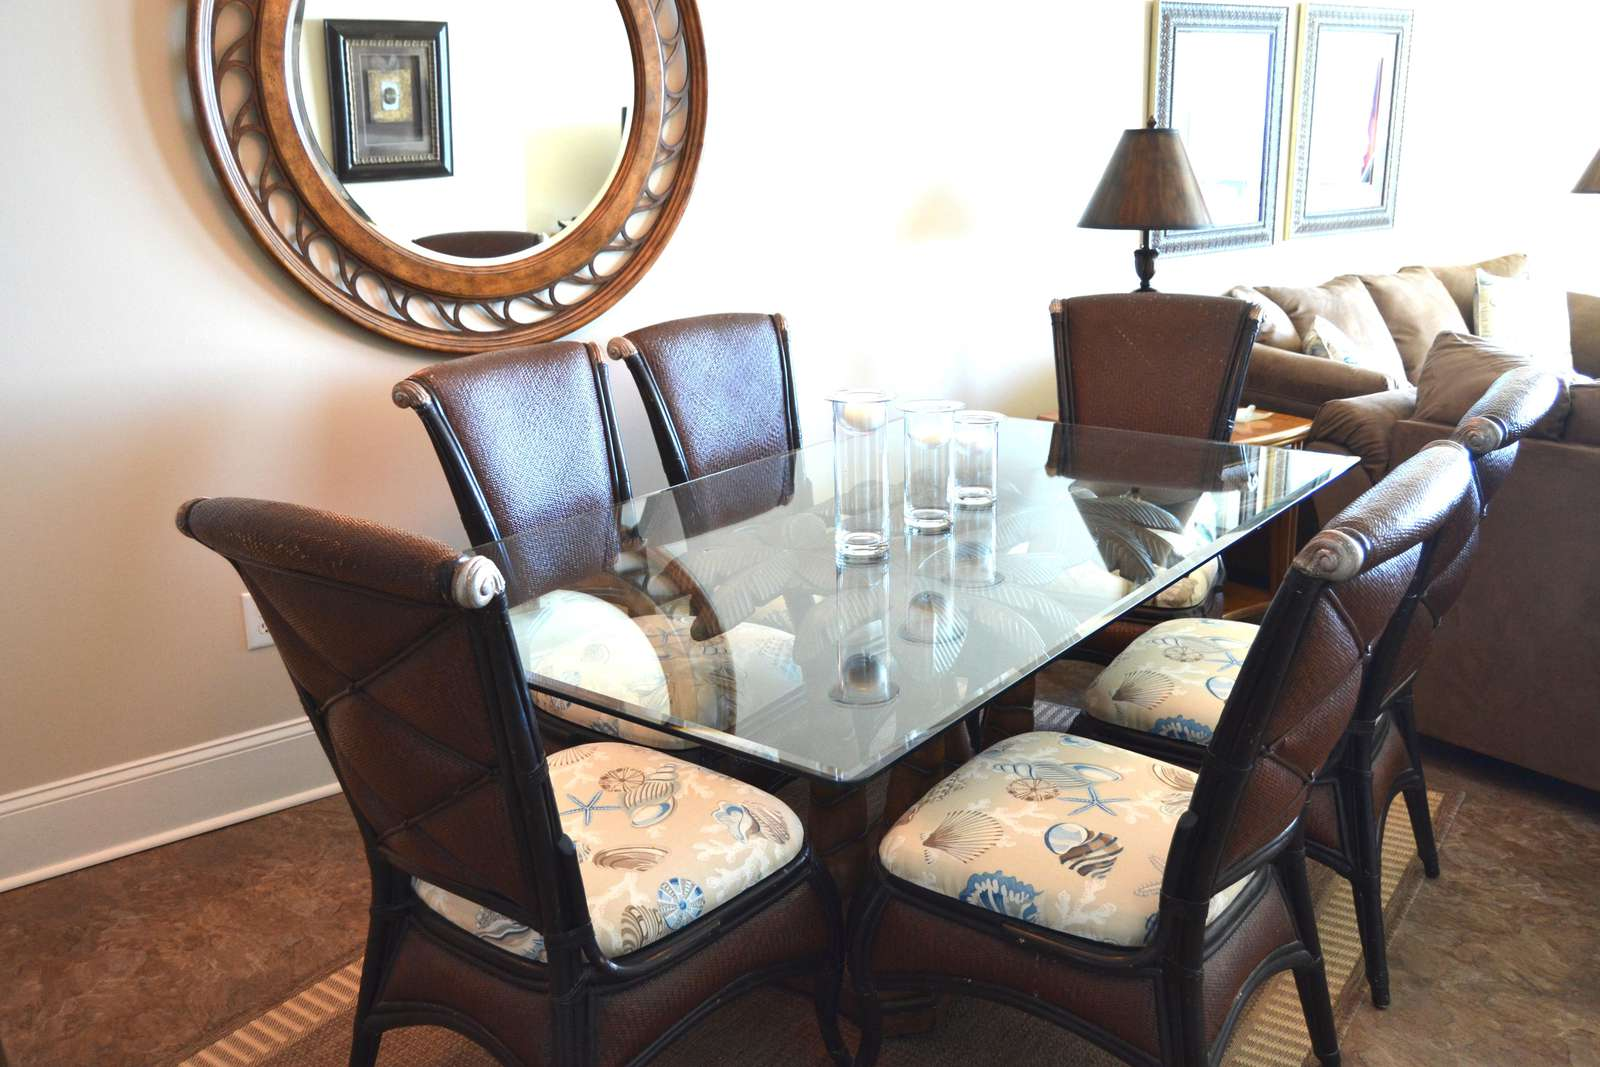 Spacious dining area